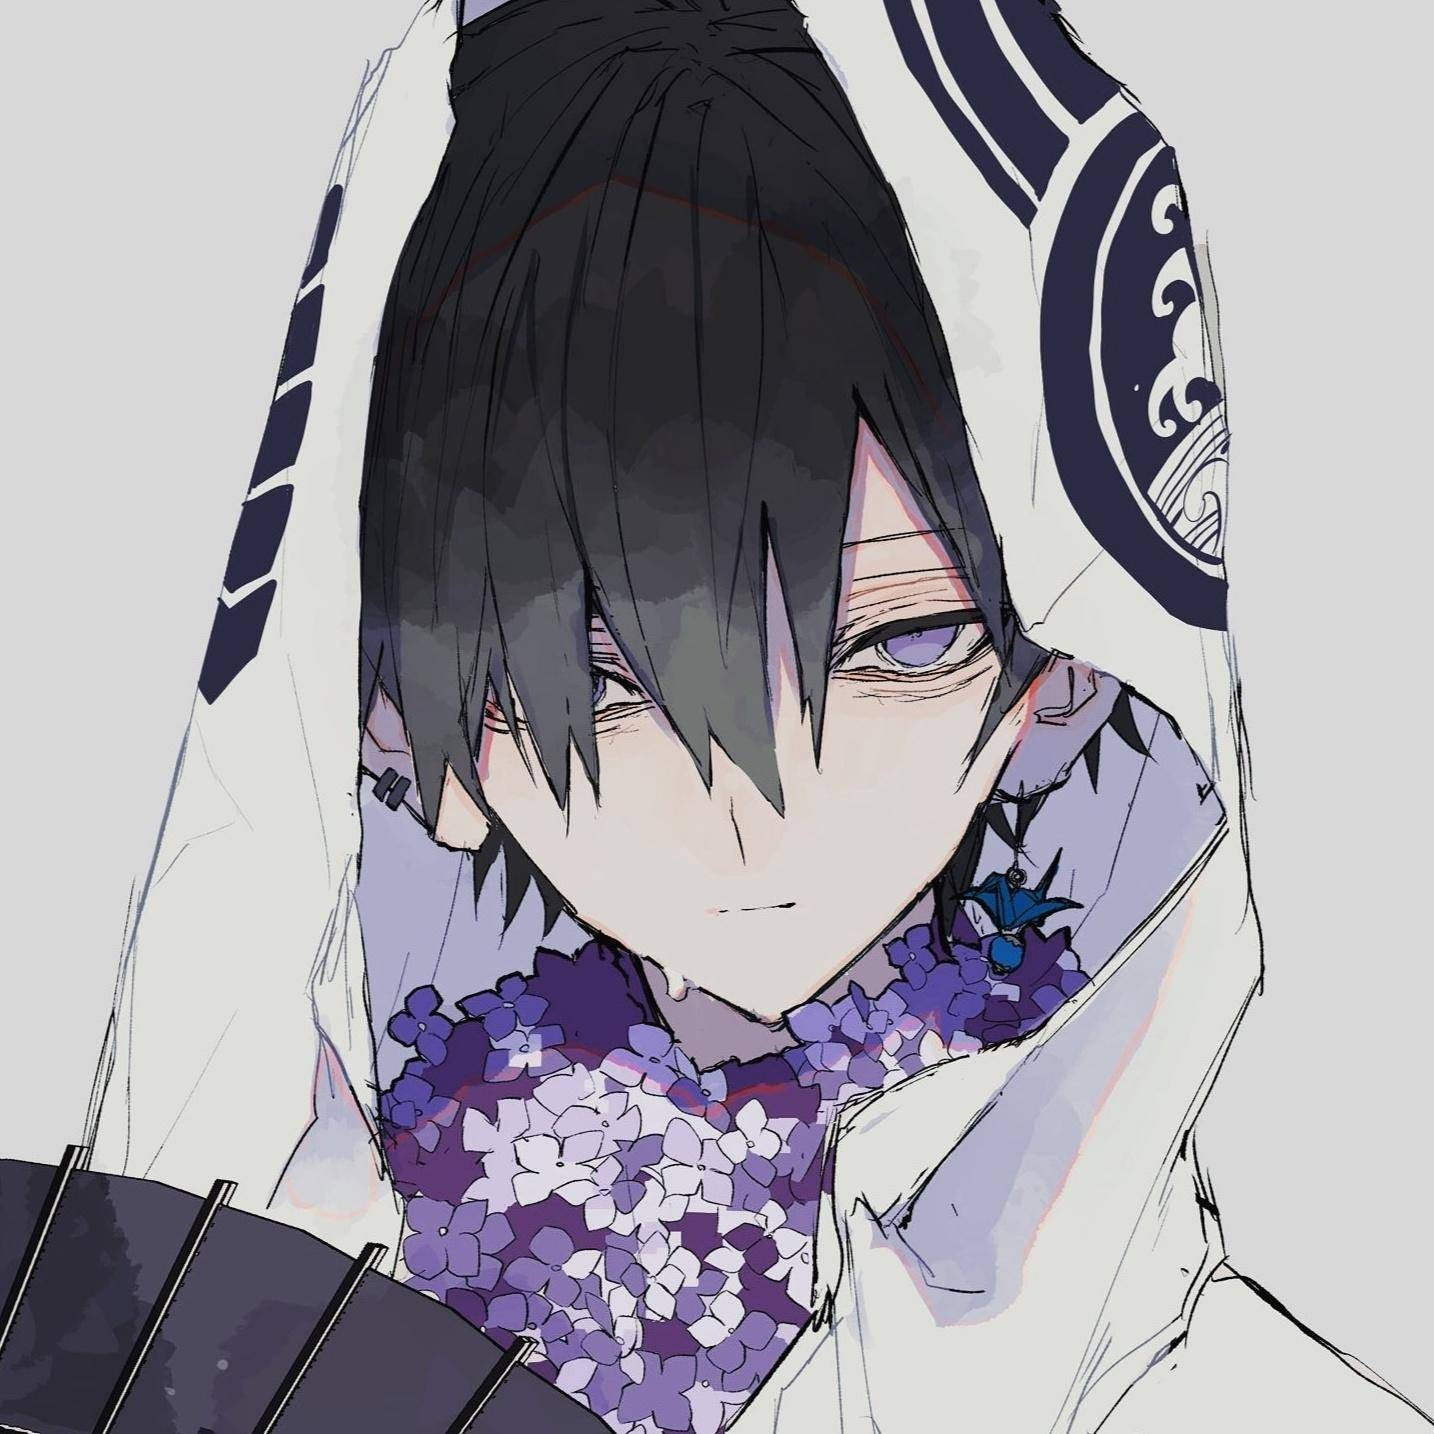 男图,加油(ง •̀_•́)ง